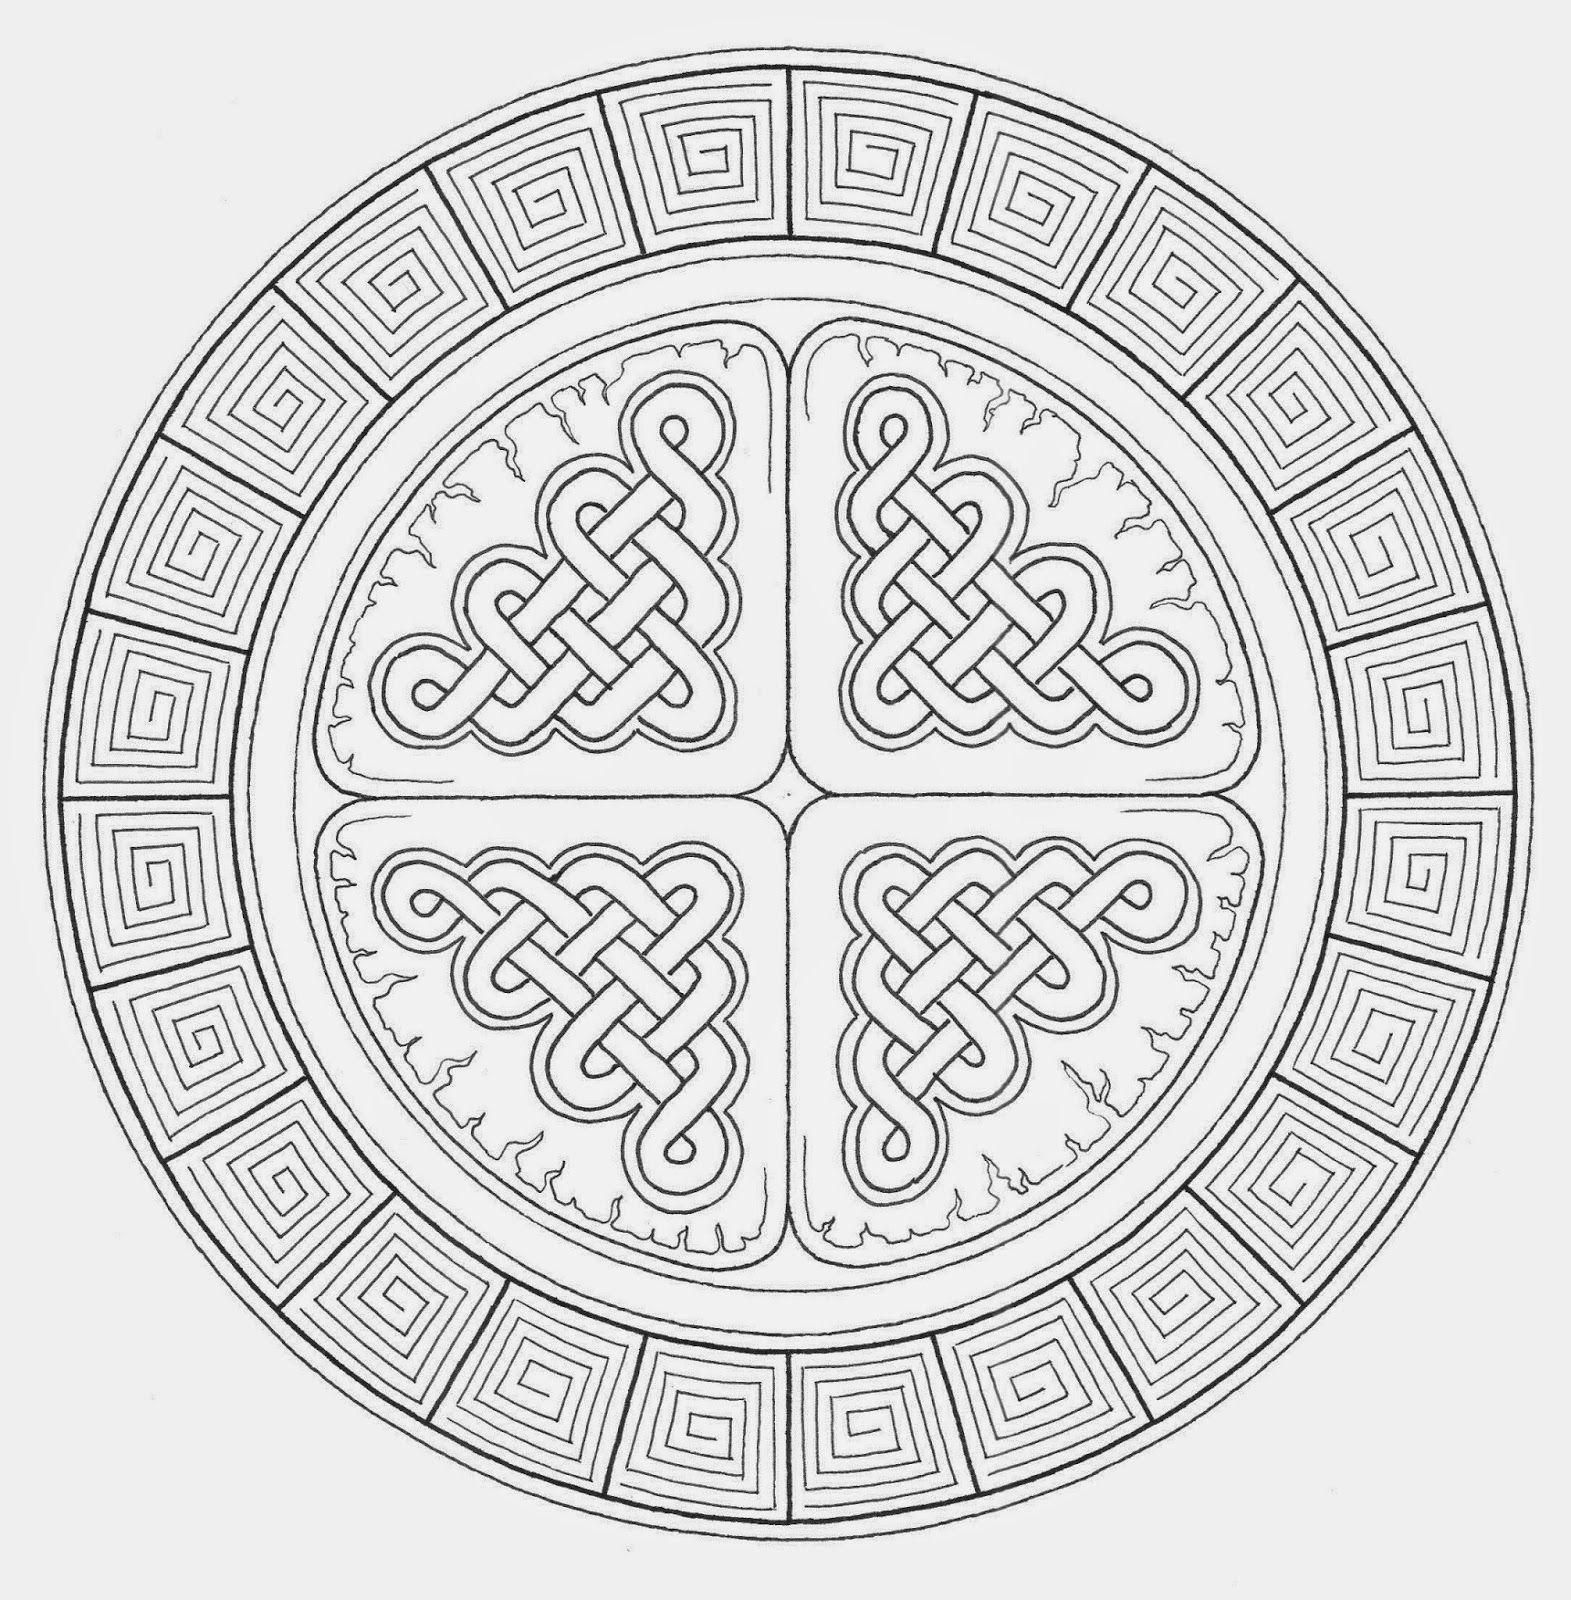 Mandala Atelier Inspiratie Workshop 3 Keltische Knoop Keltische Knopen Keltische Symbolen Keltisch